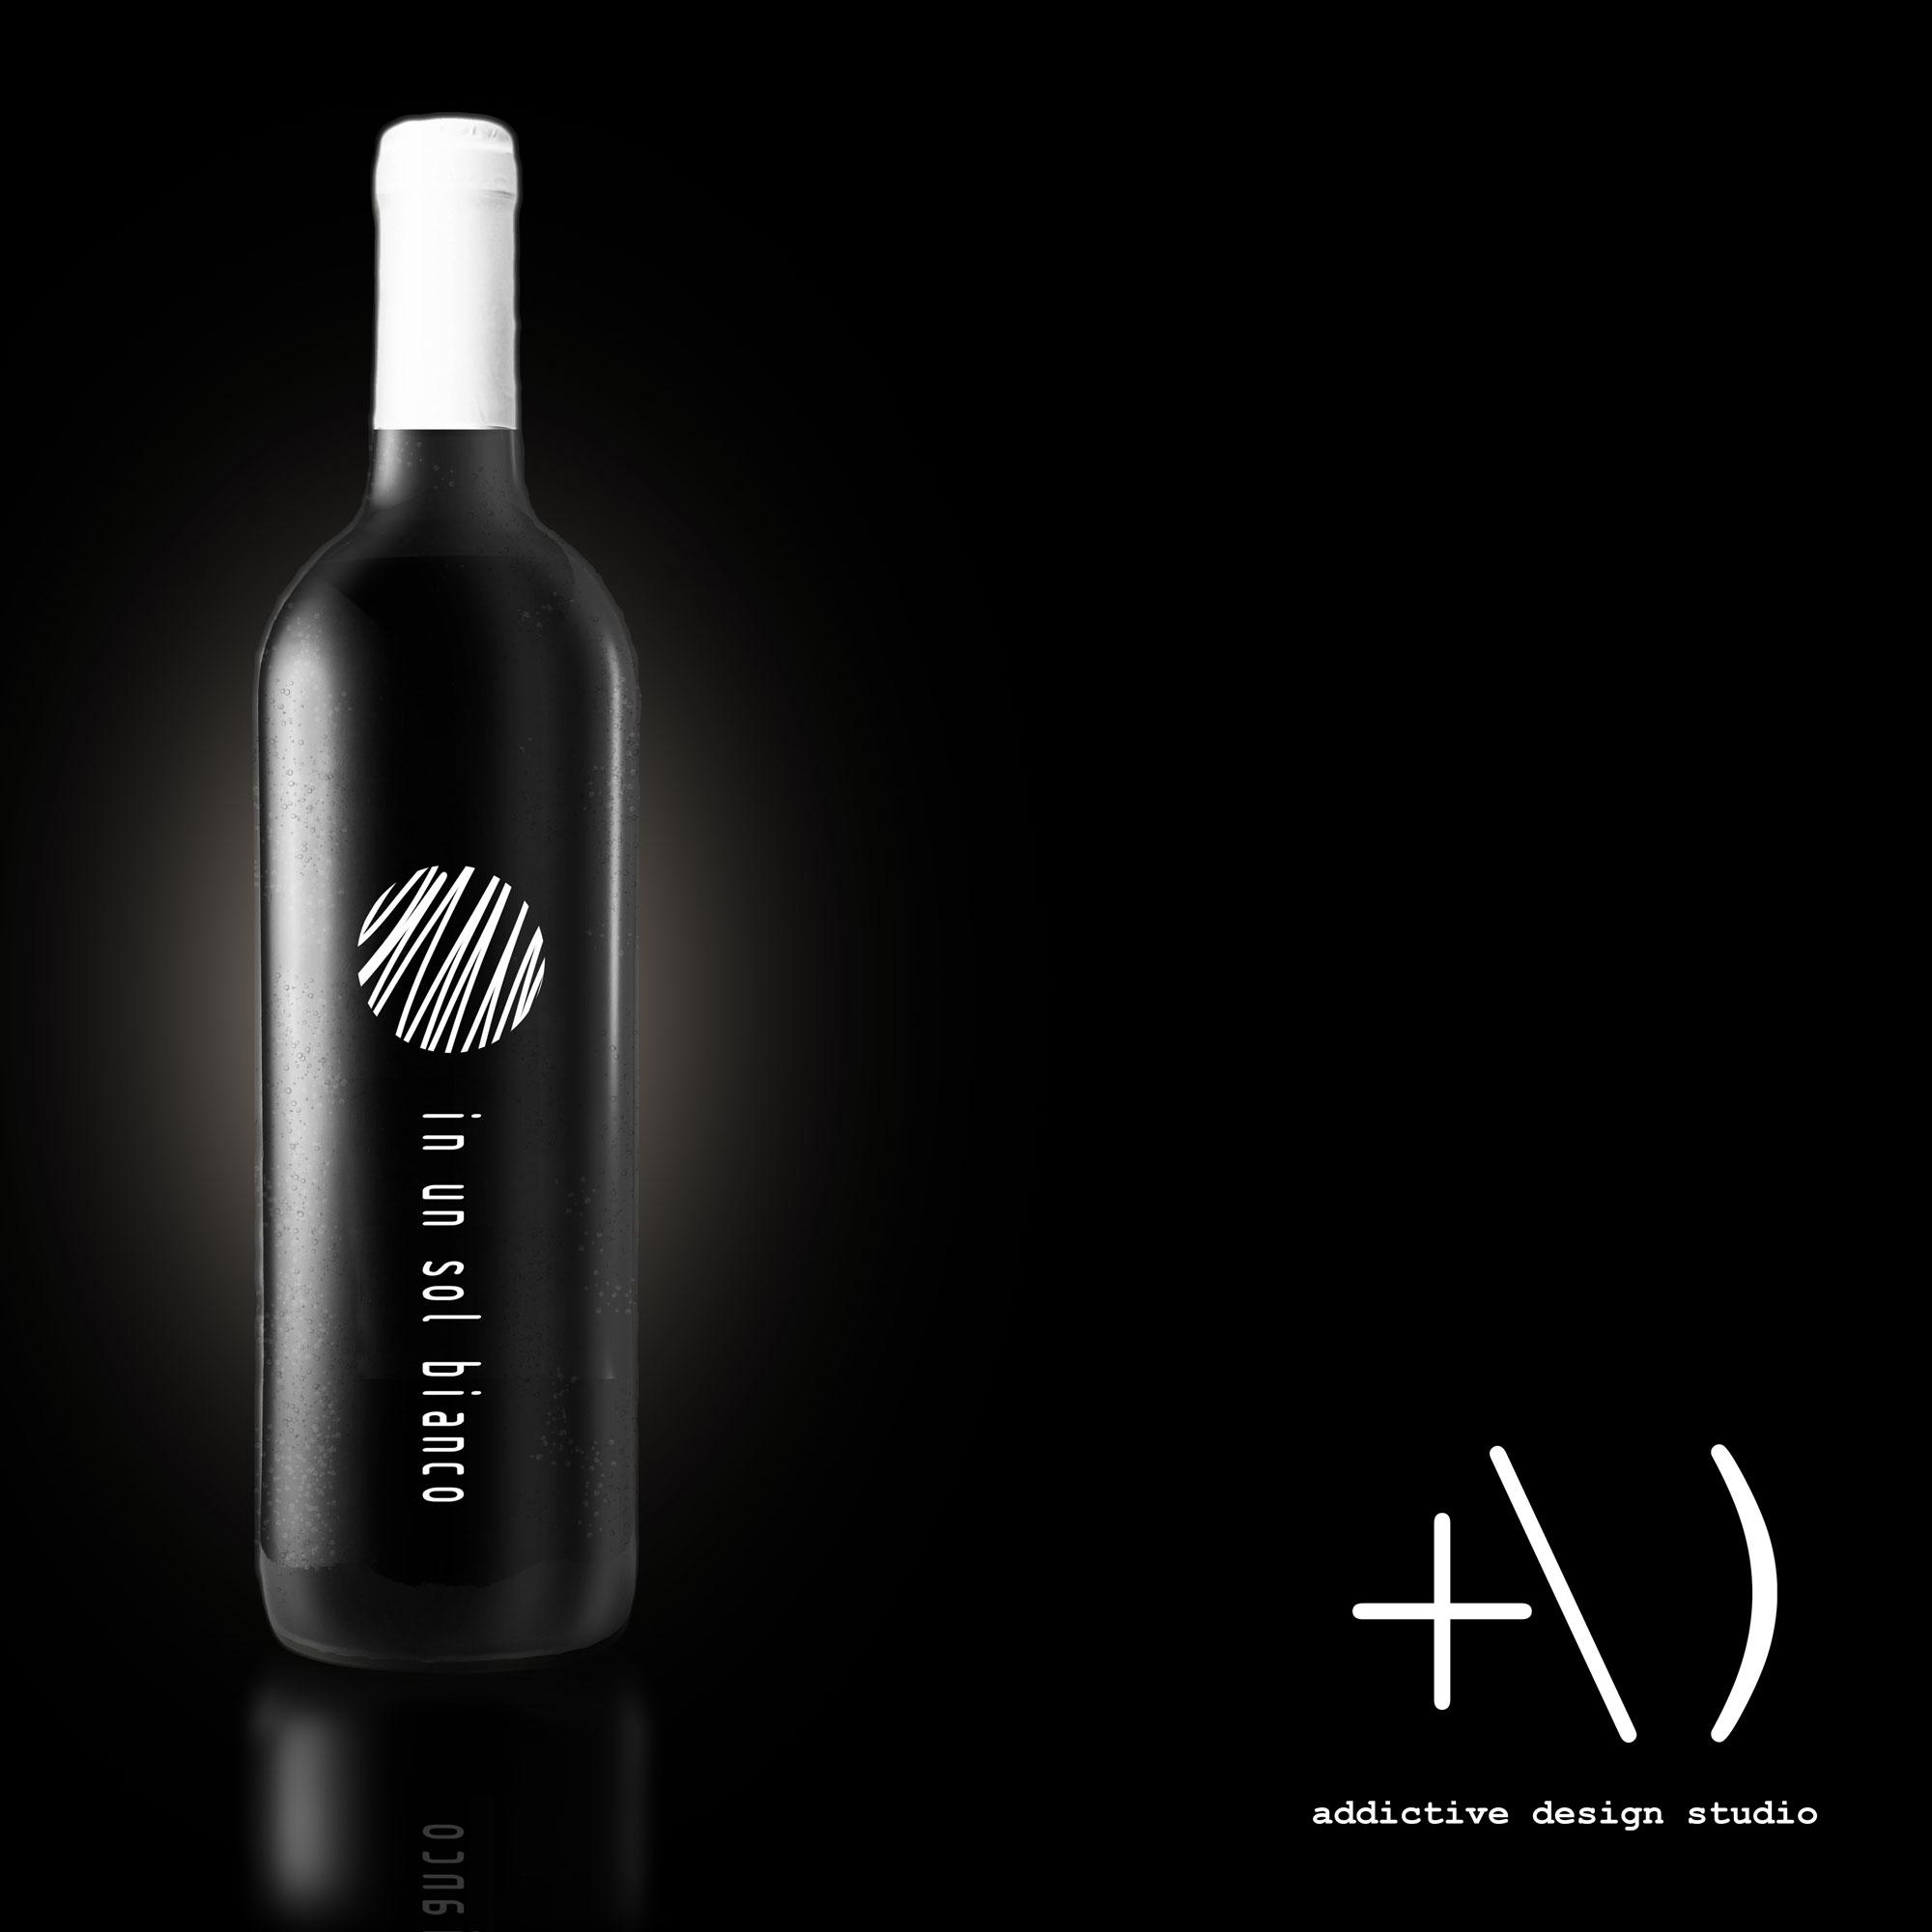 etichetta bottiglia vino in un sol bianco